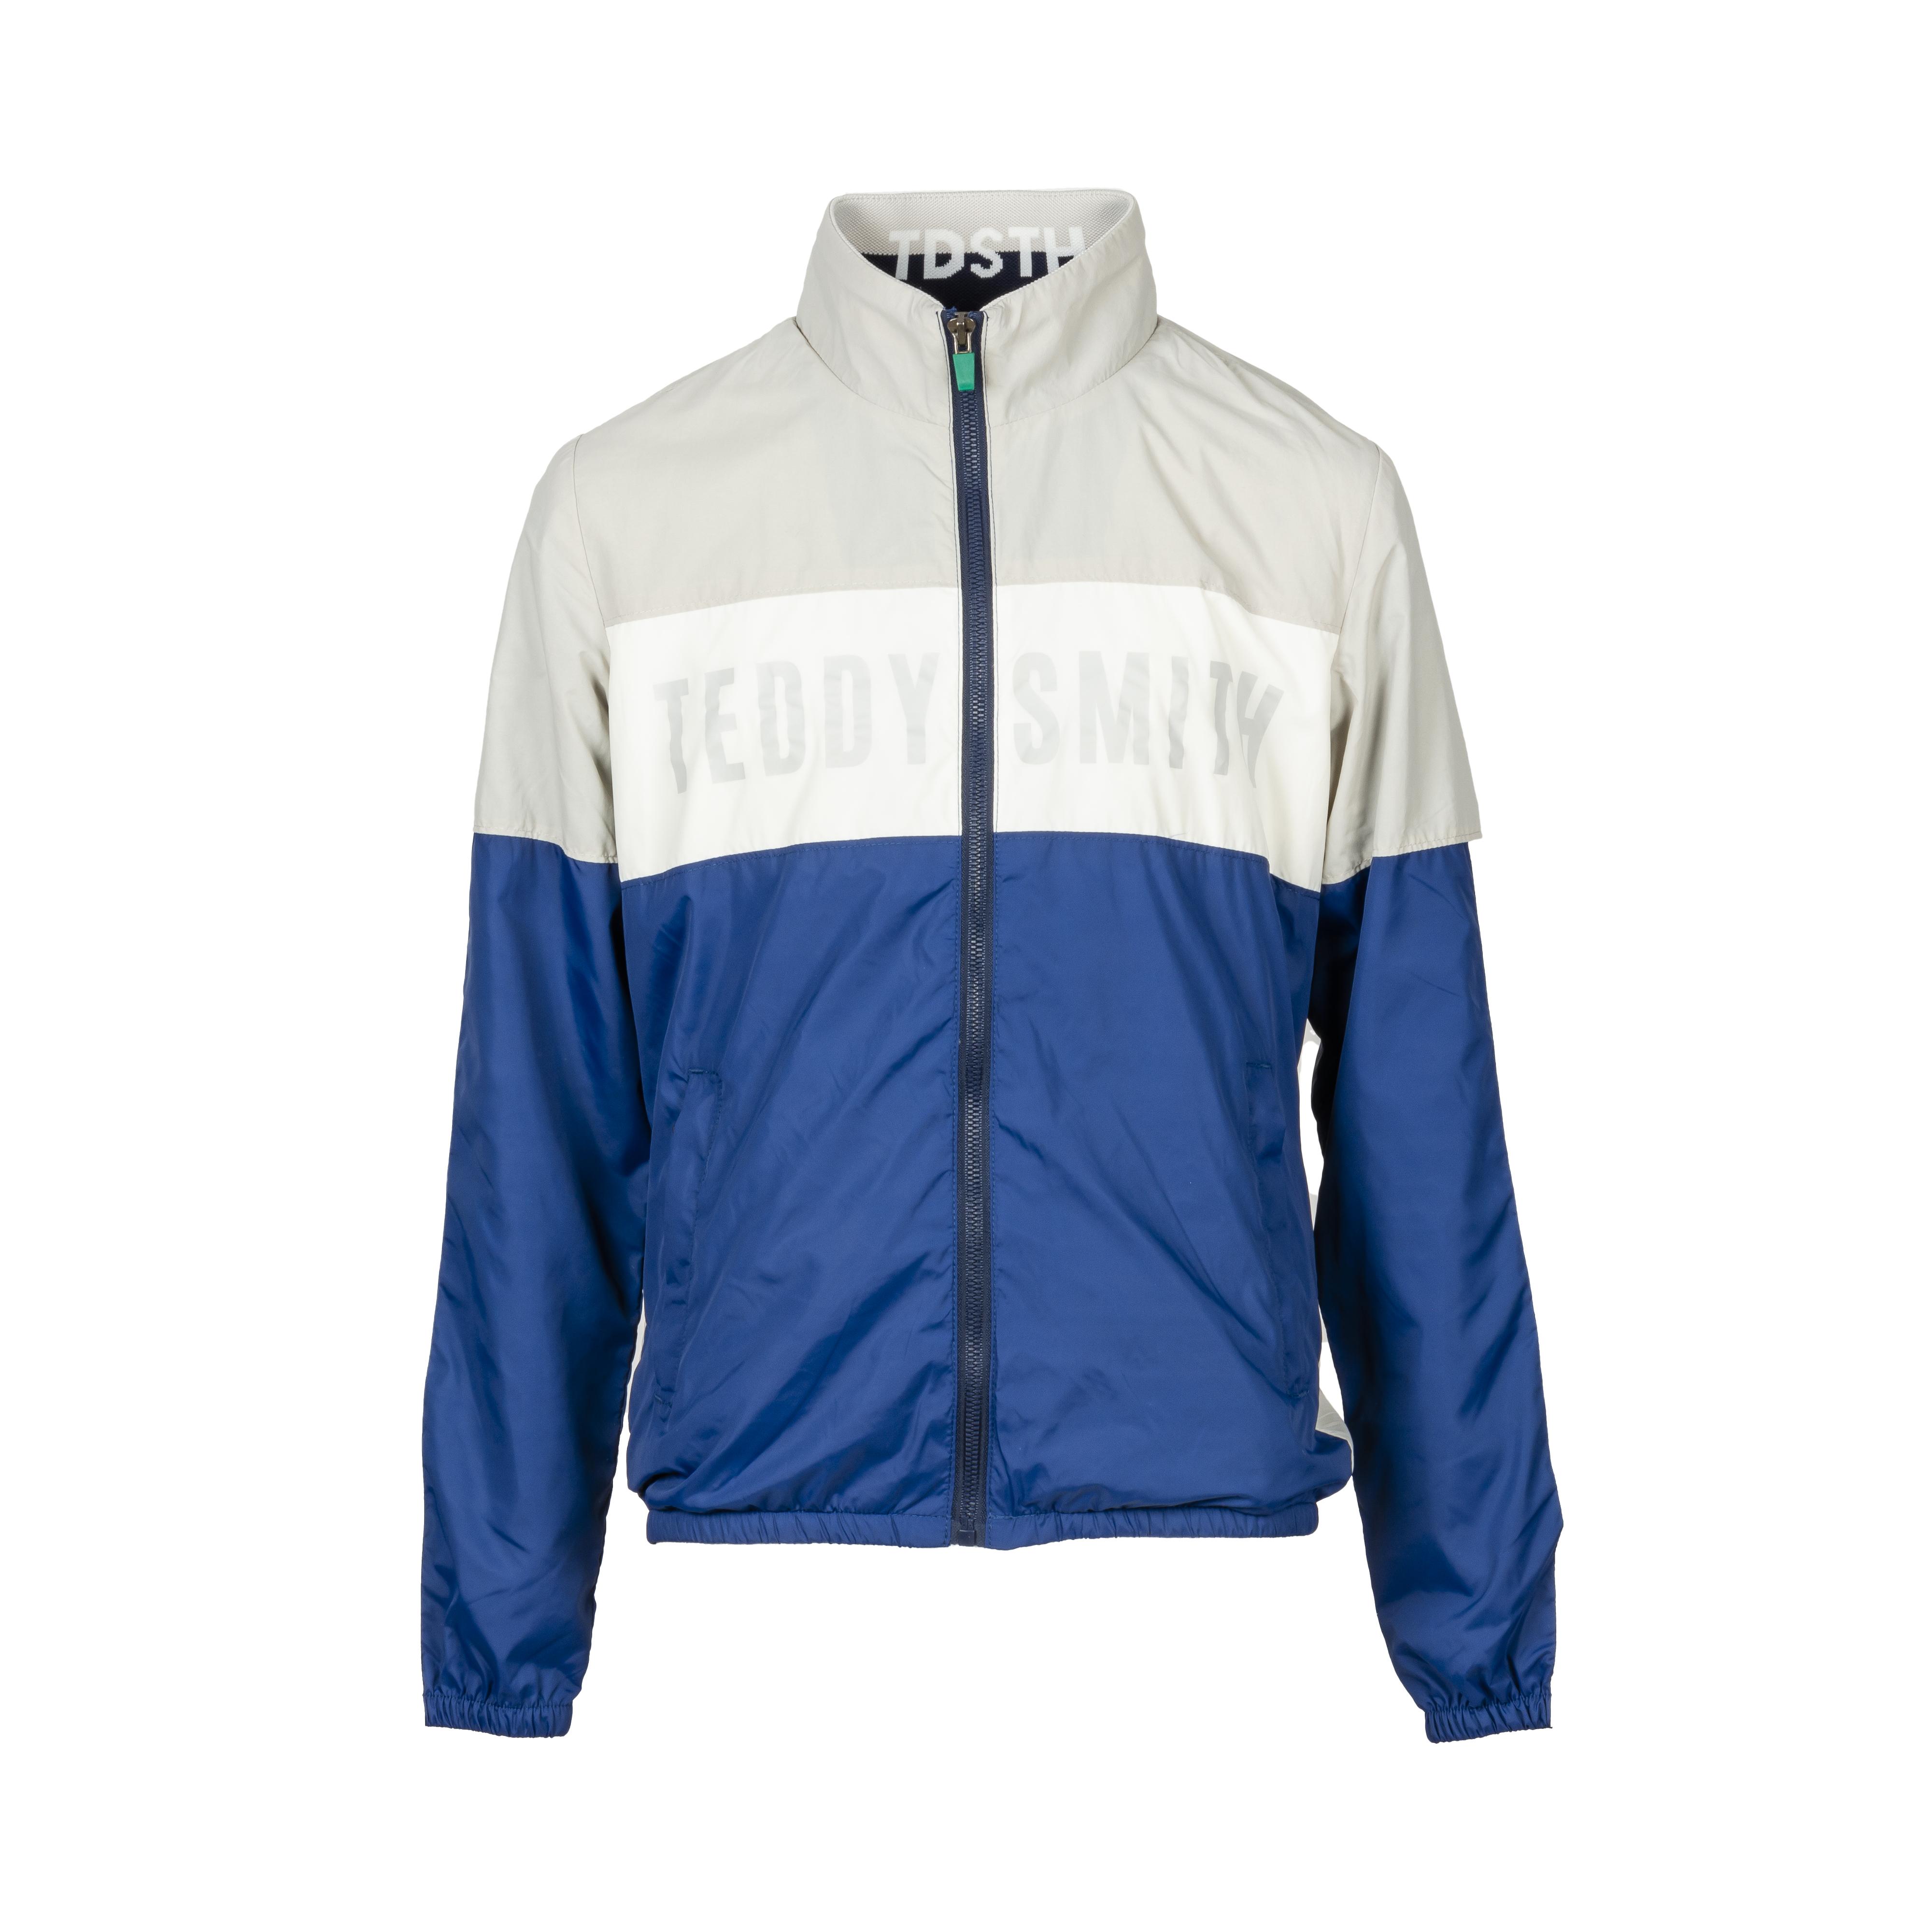 Veste coupe-vent à capuche  herman à opposition de couleurs bleu, blanc et gris